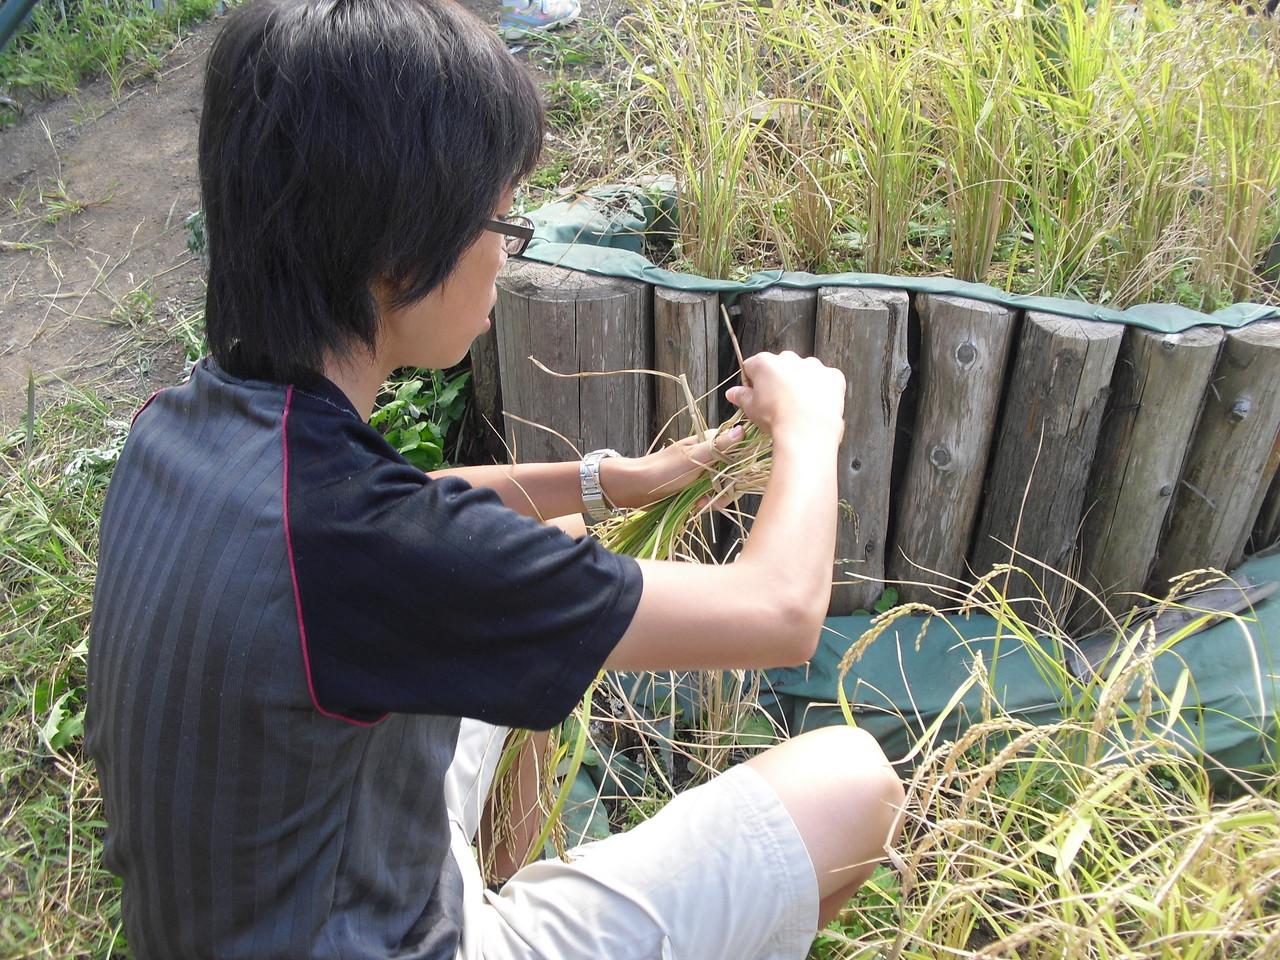 毎年恒例のお米作り。稲刈りも慣れた手つきで進めてくれる子も増えてきました。